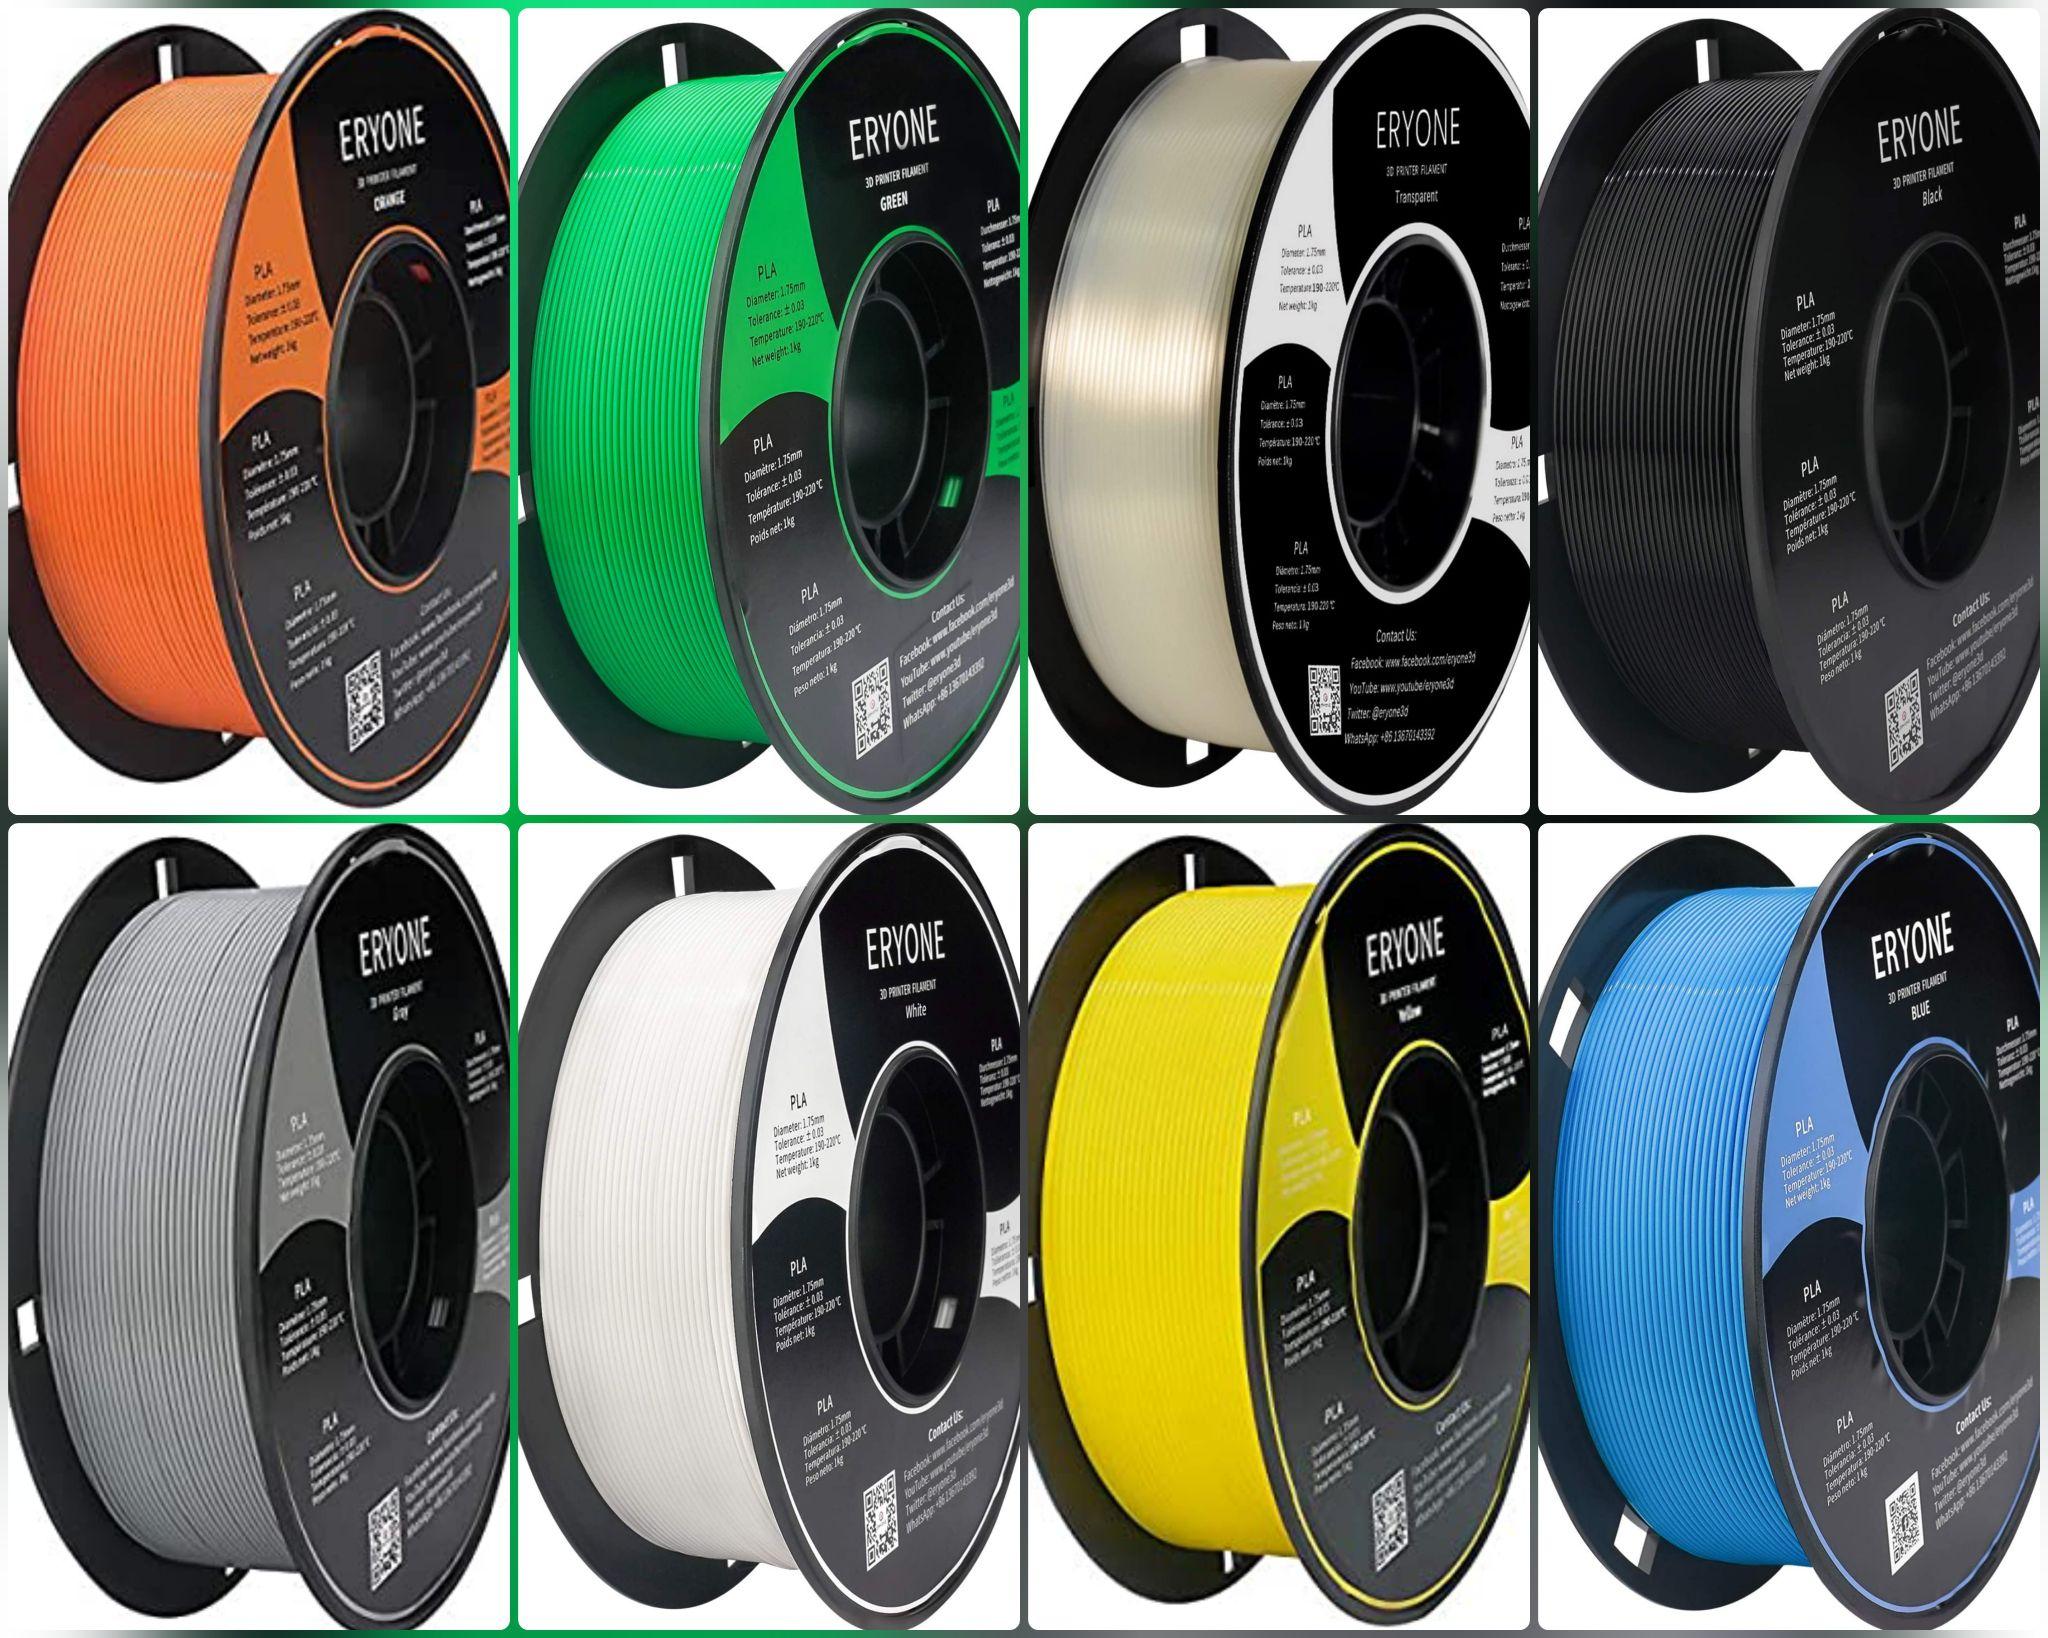 Filamento Eryone PLA 1.75mm, 1kg para Impresión 3D en 8 colores. Marca Top